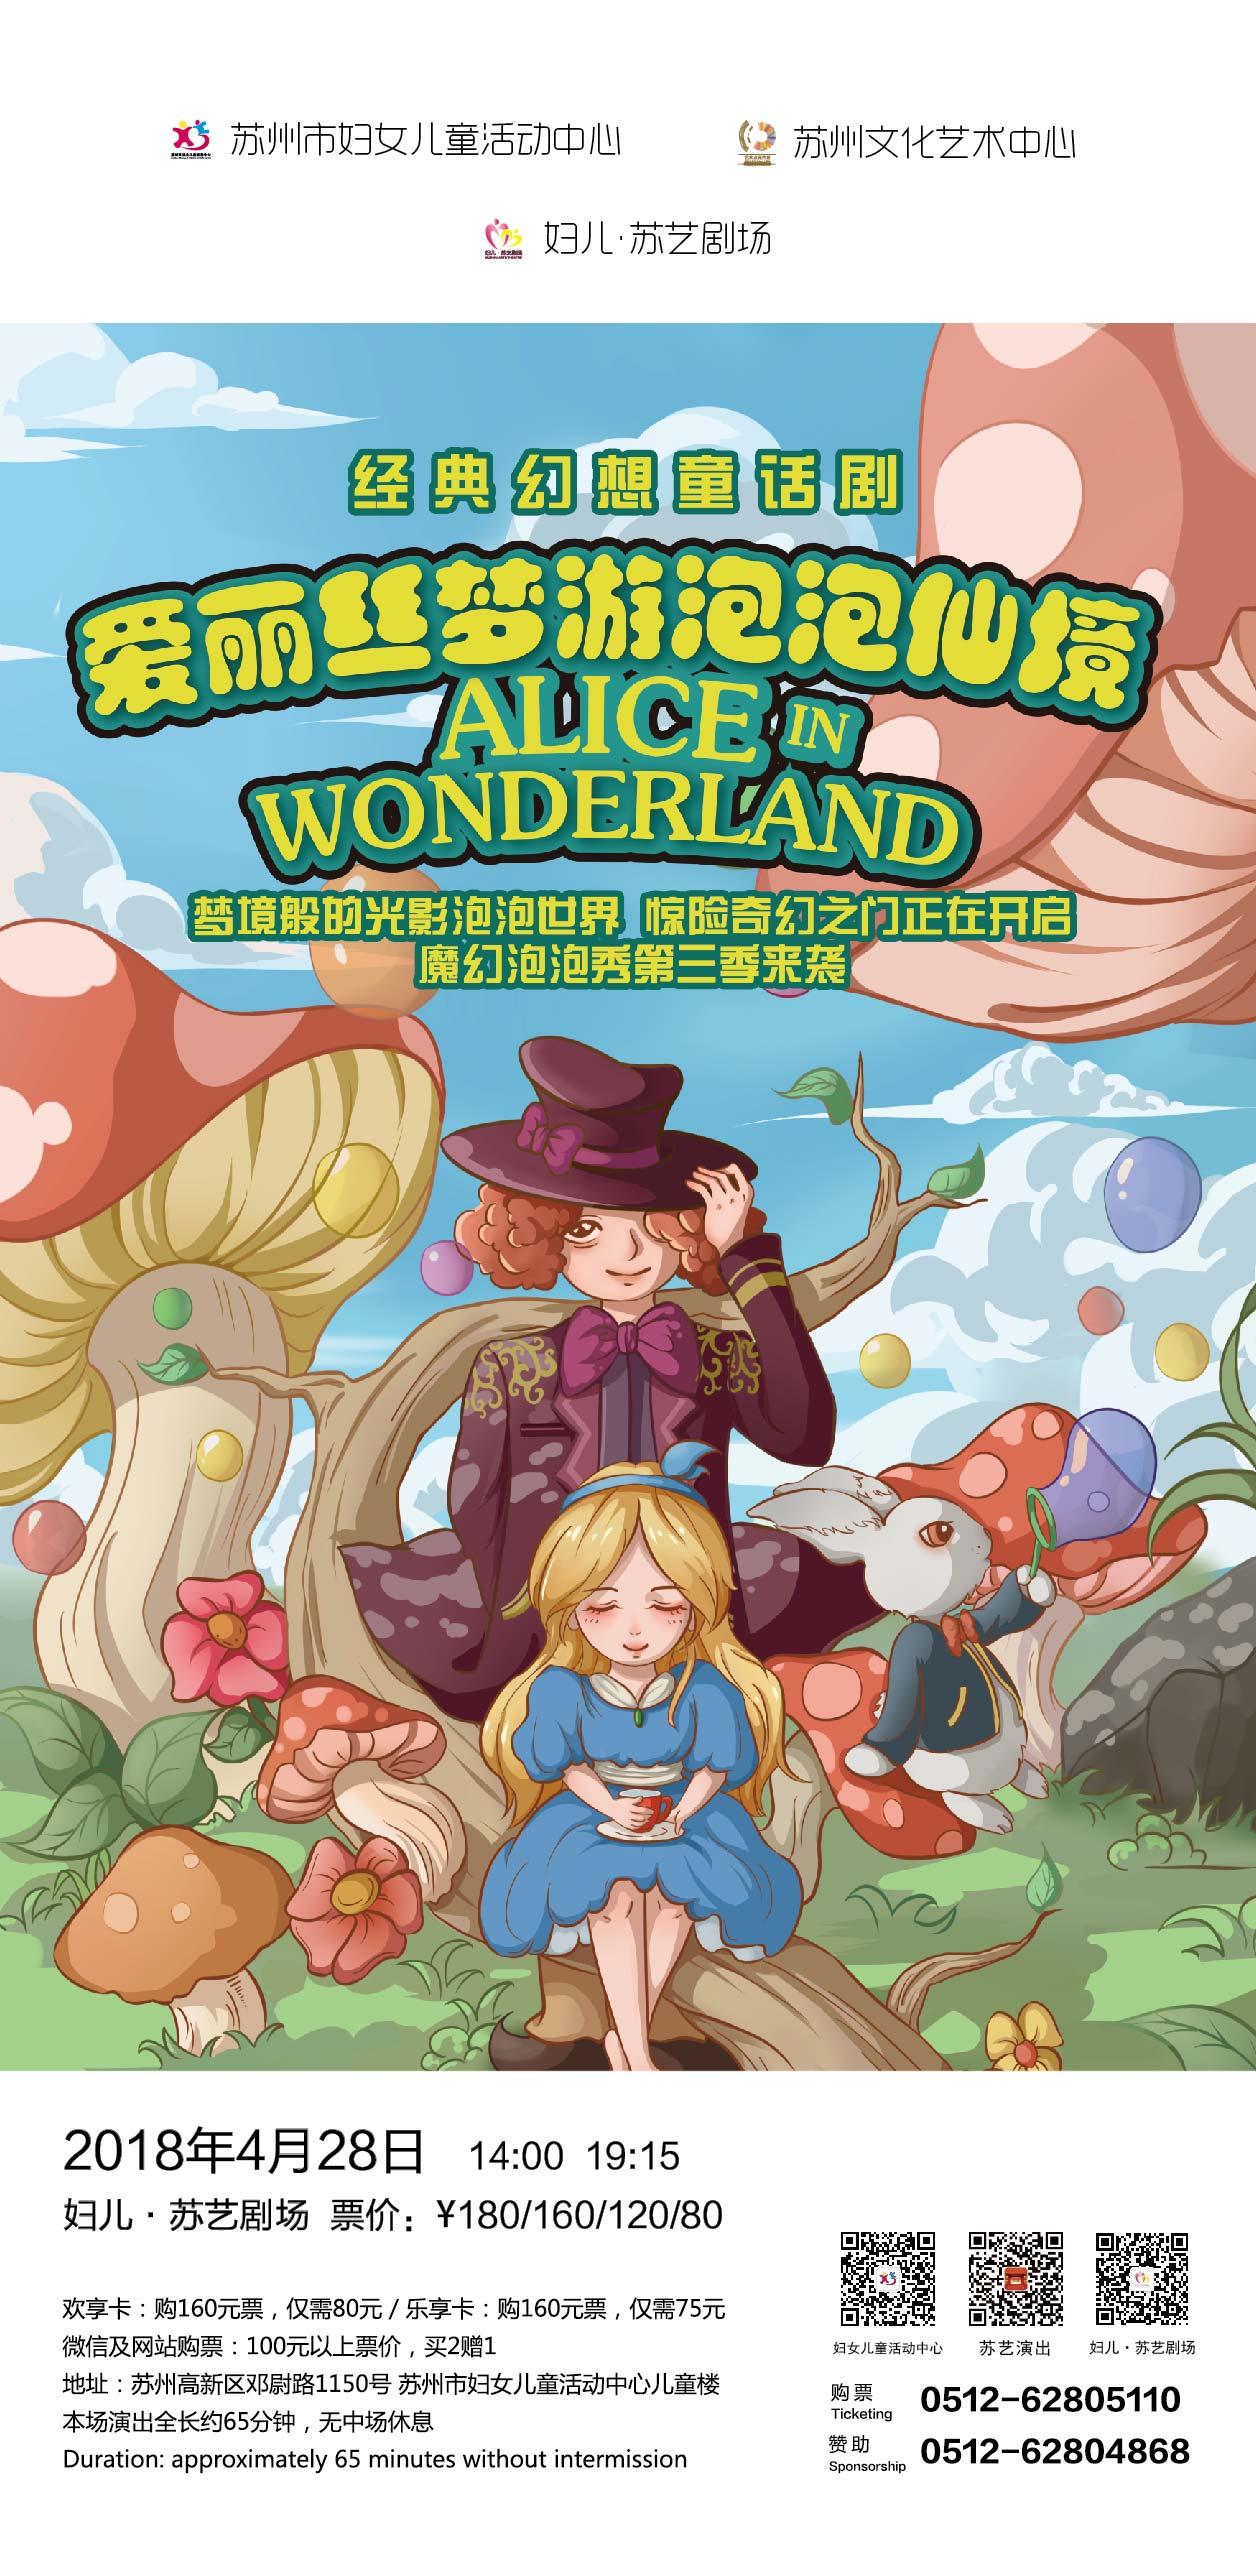 苏艺·小橙堡周末儿童剧场 《爱丽丝梦游泡泡仙境》(合作)